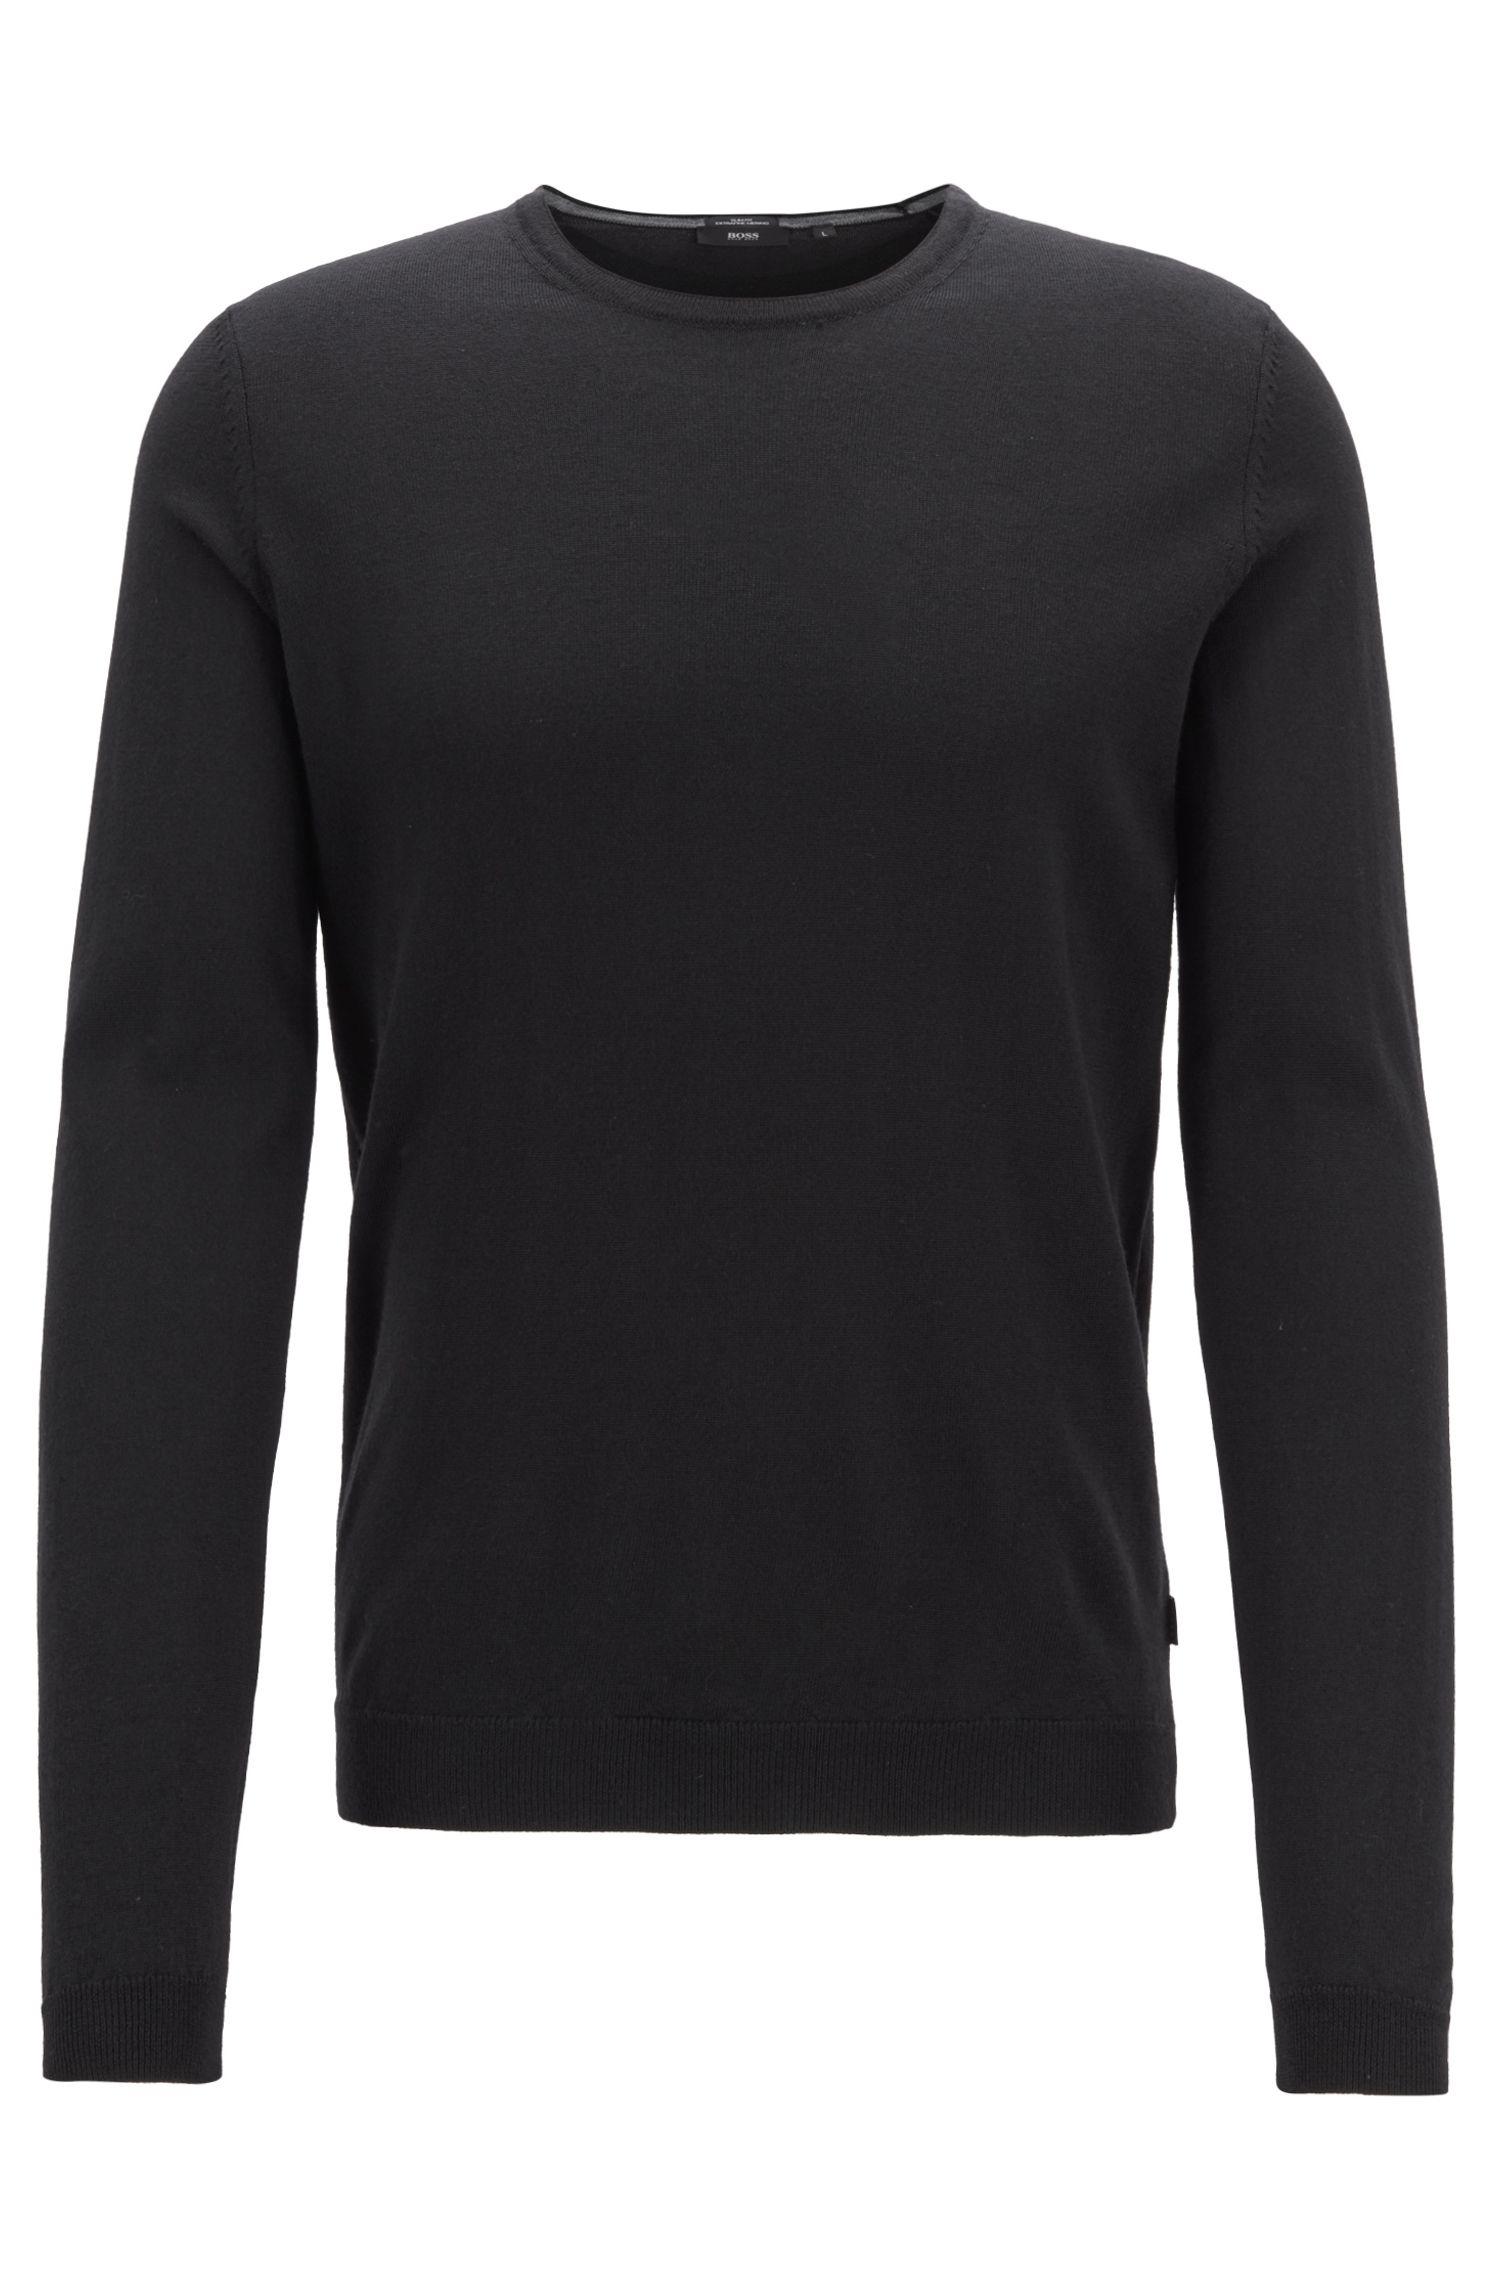 Crew-neck sweater in fine-knit Merino wool, Black